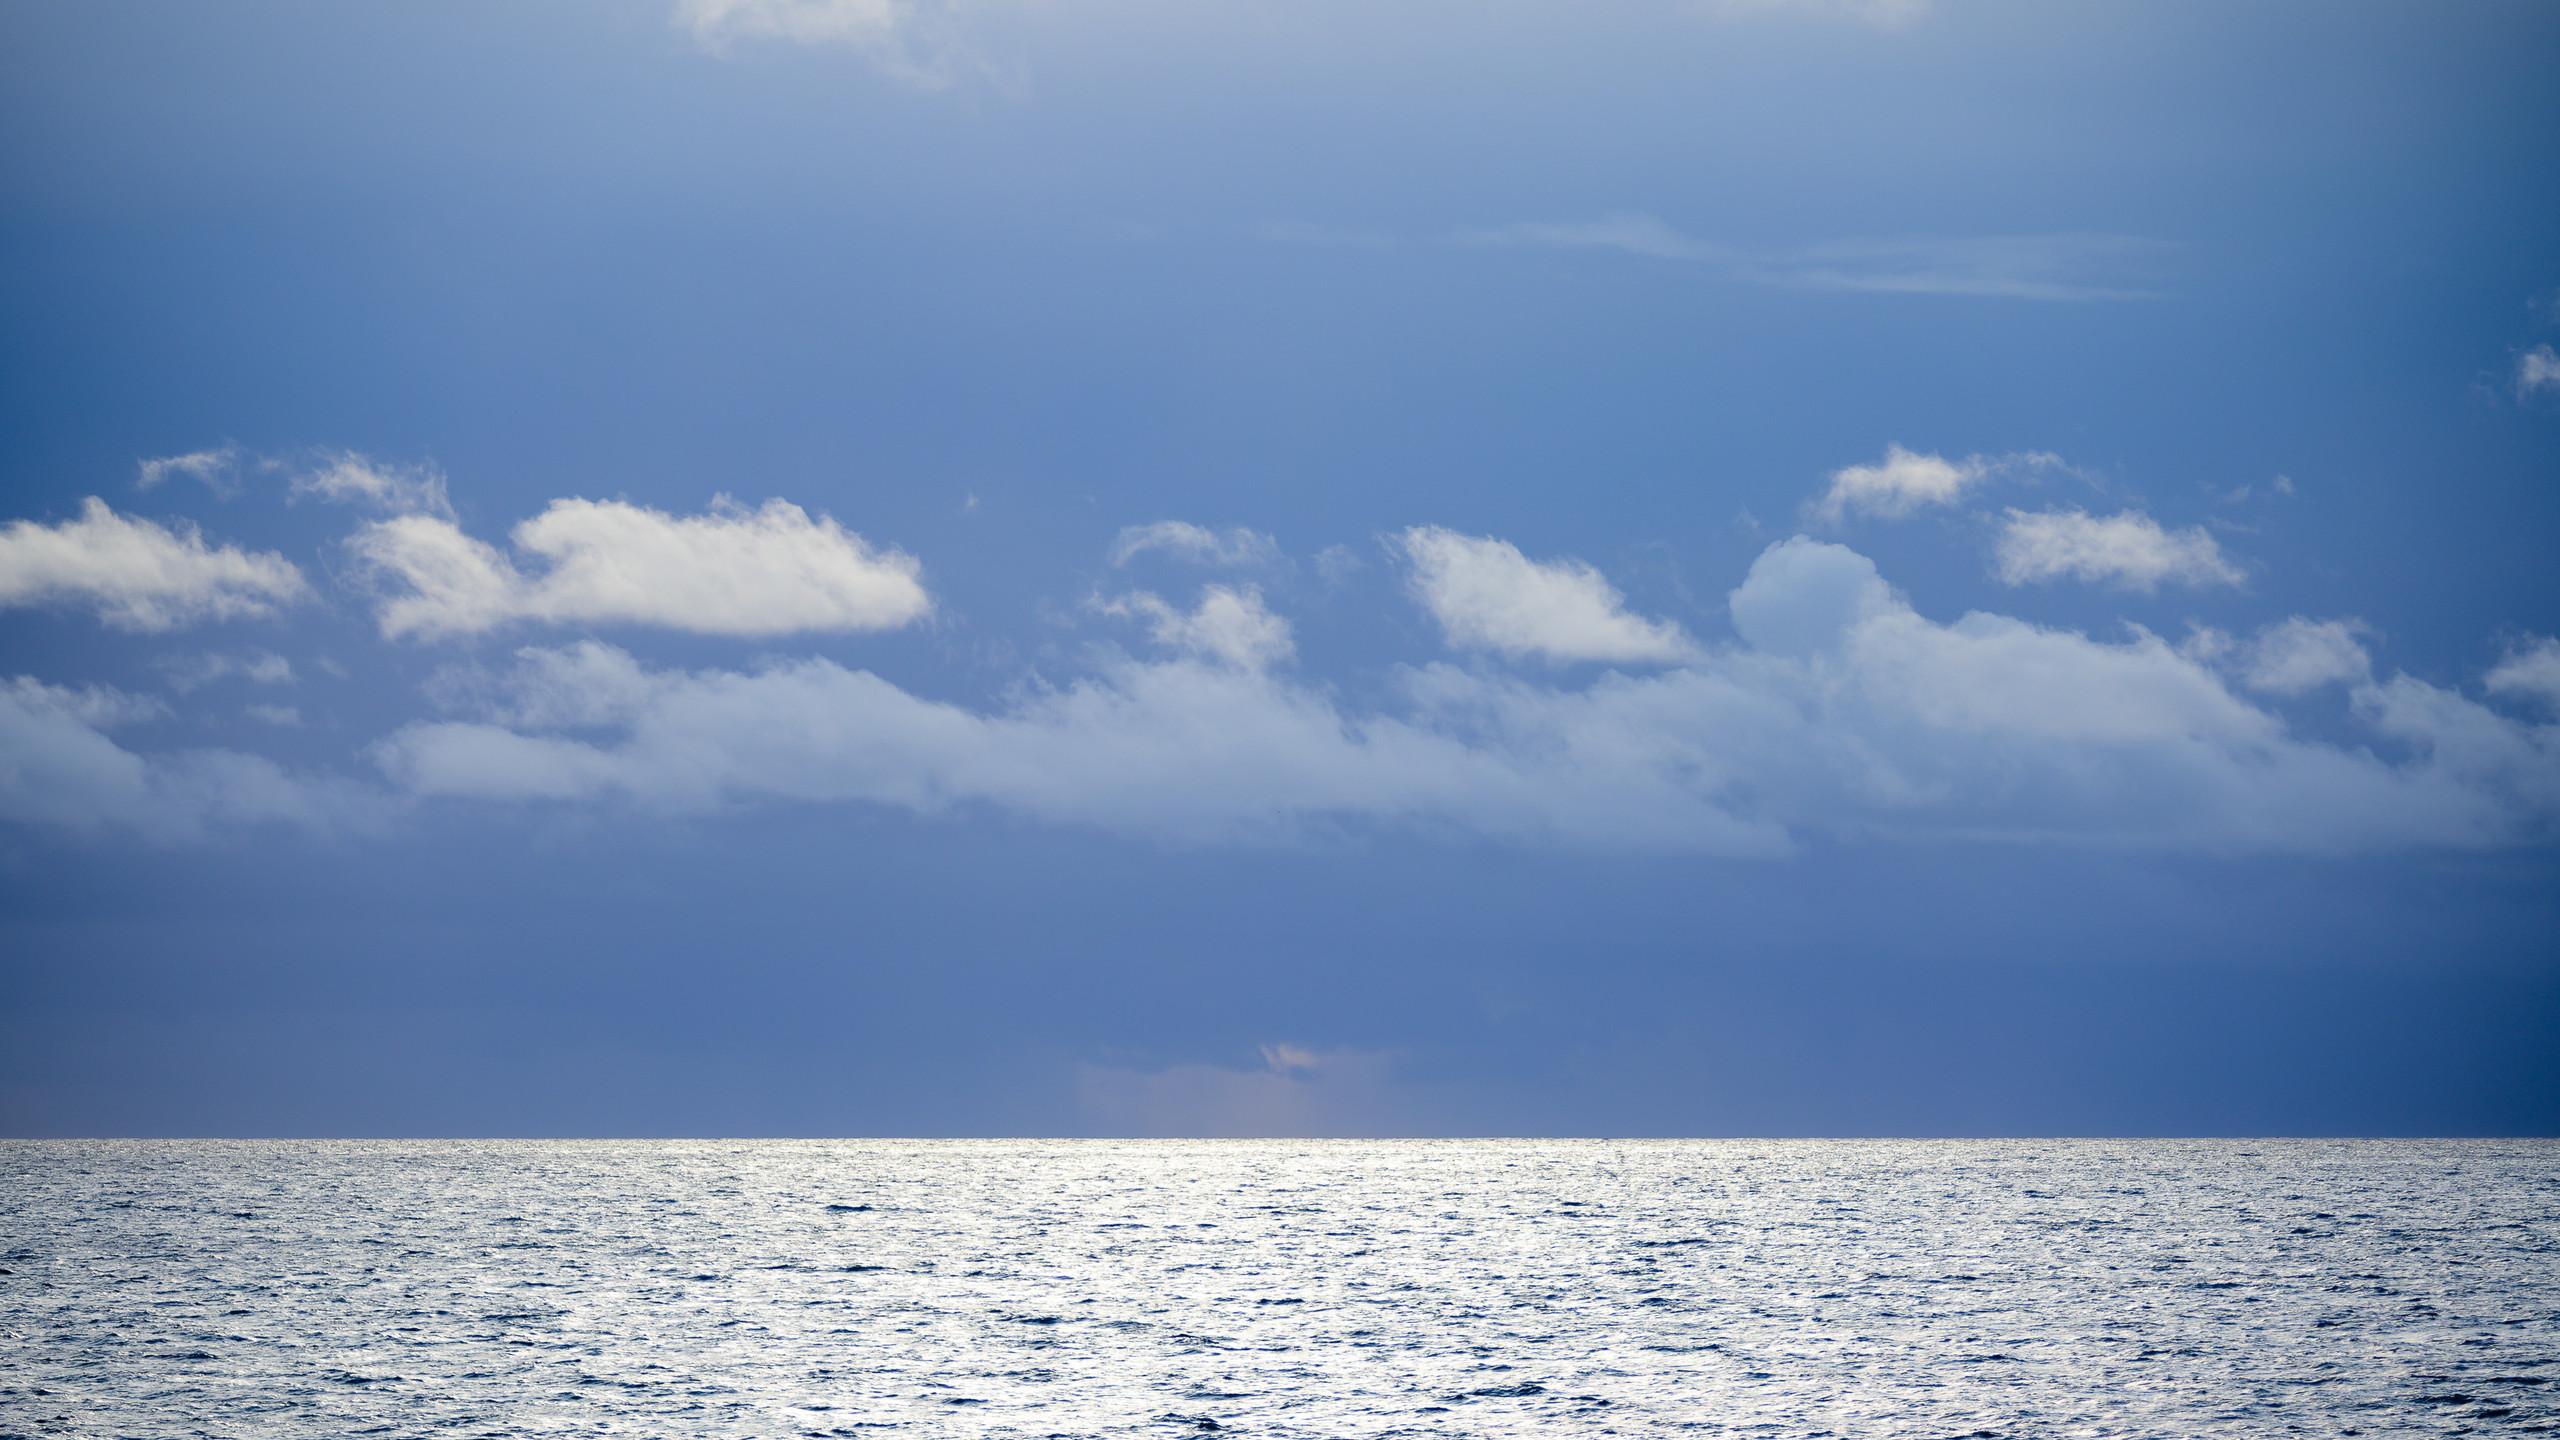 Skagerrak strait between Denmark and Norway